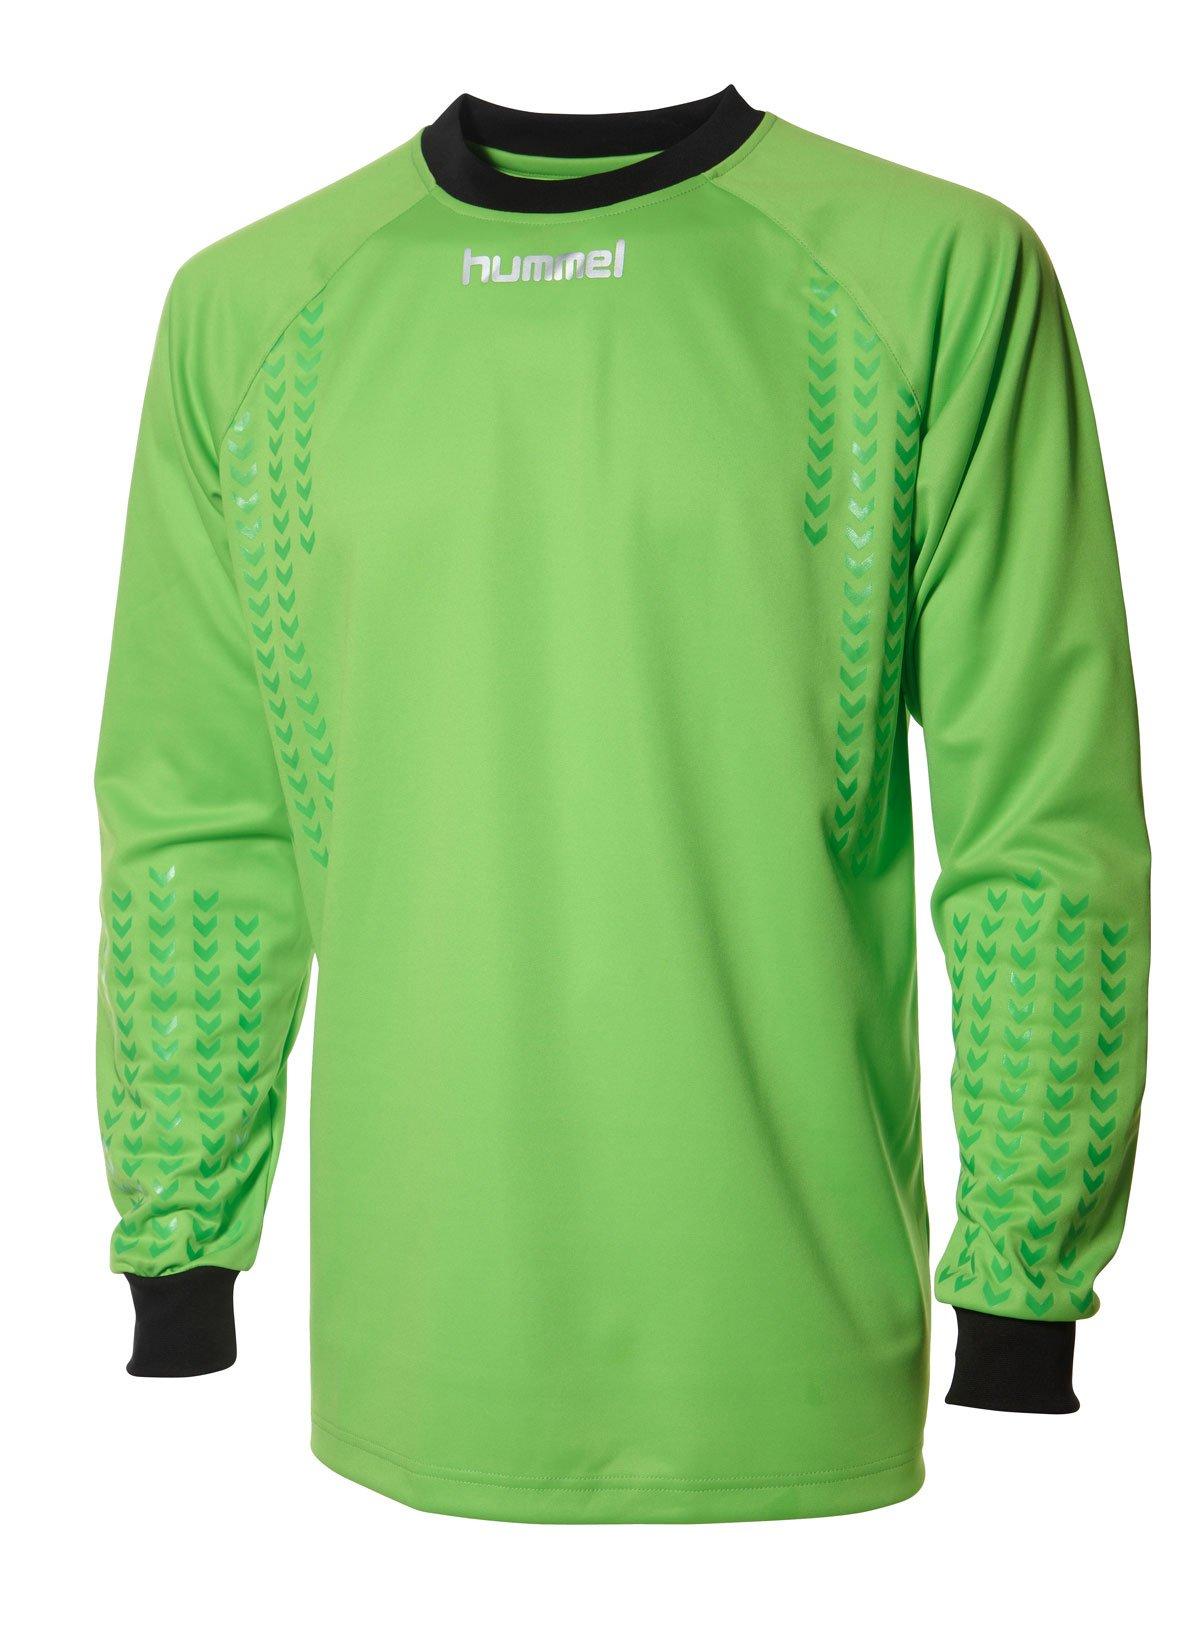 Hummel – Hummel goalkeeper jersey fra billigsport24